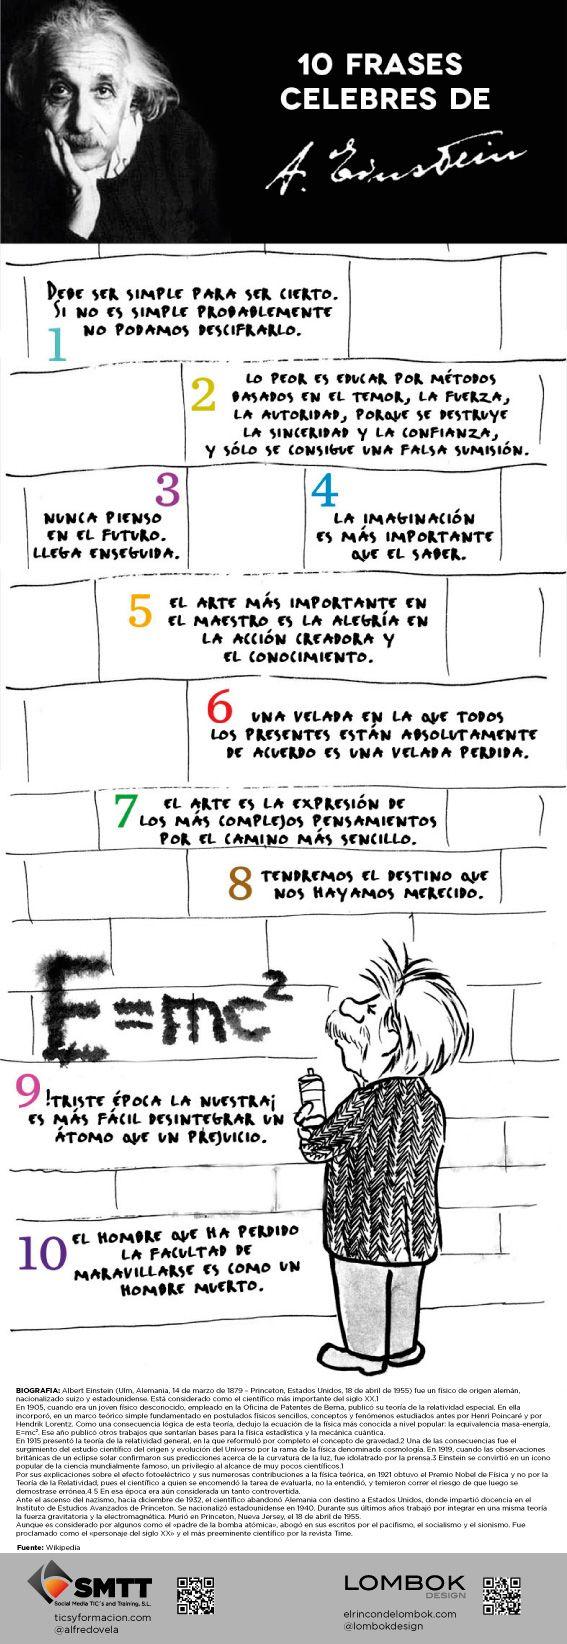 10 #frases célebres de #Einstein #reflexiones